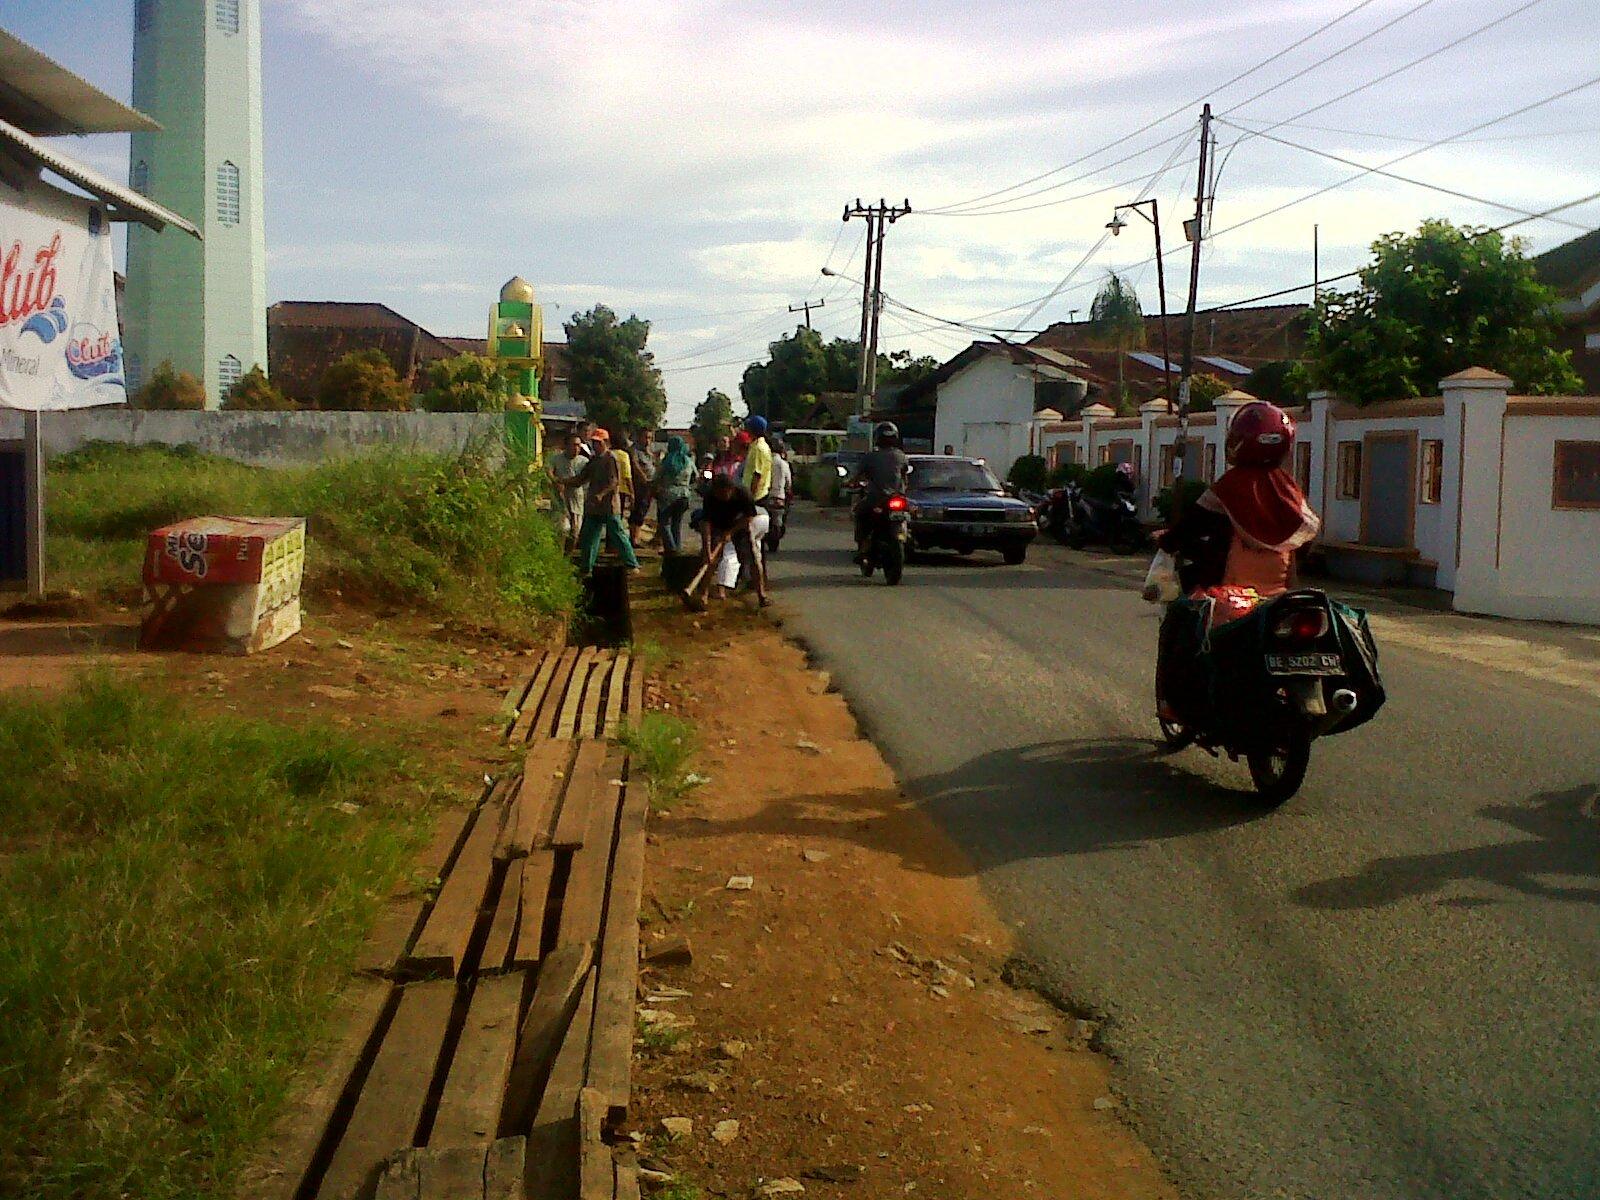 Kerja bhakti Jumat Bersih di Jl. Palapa V